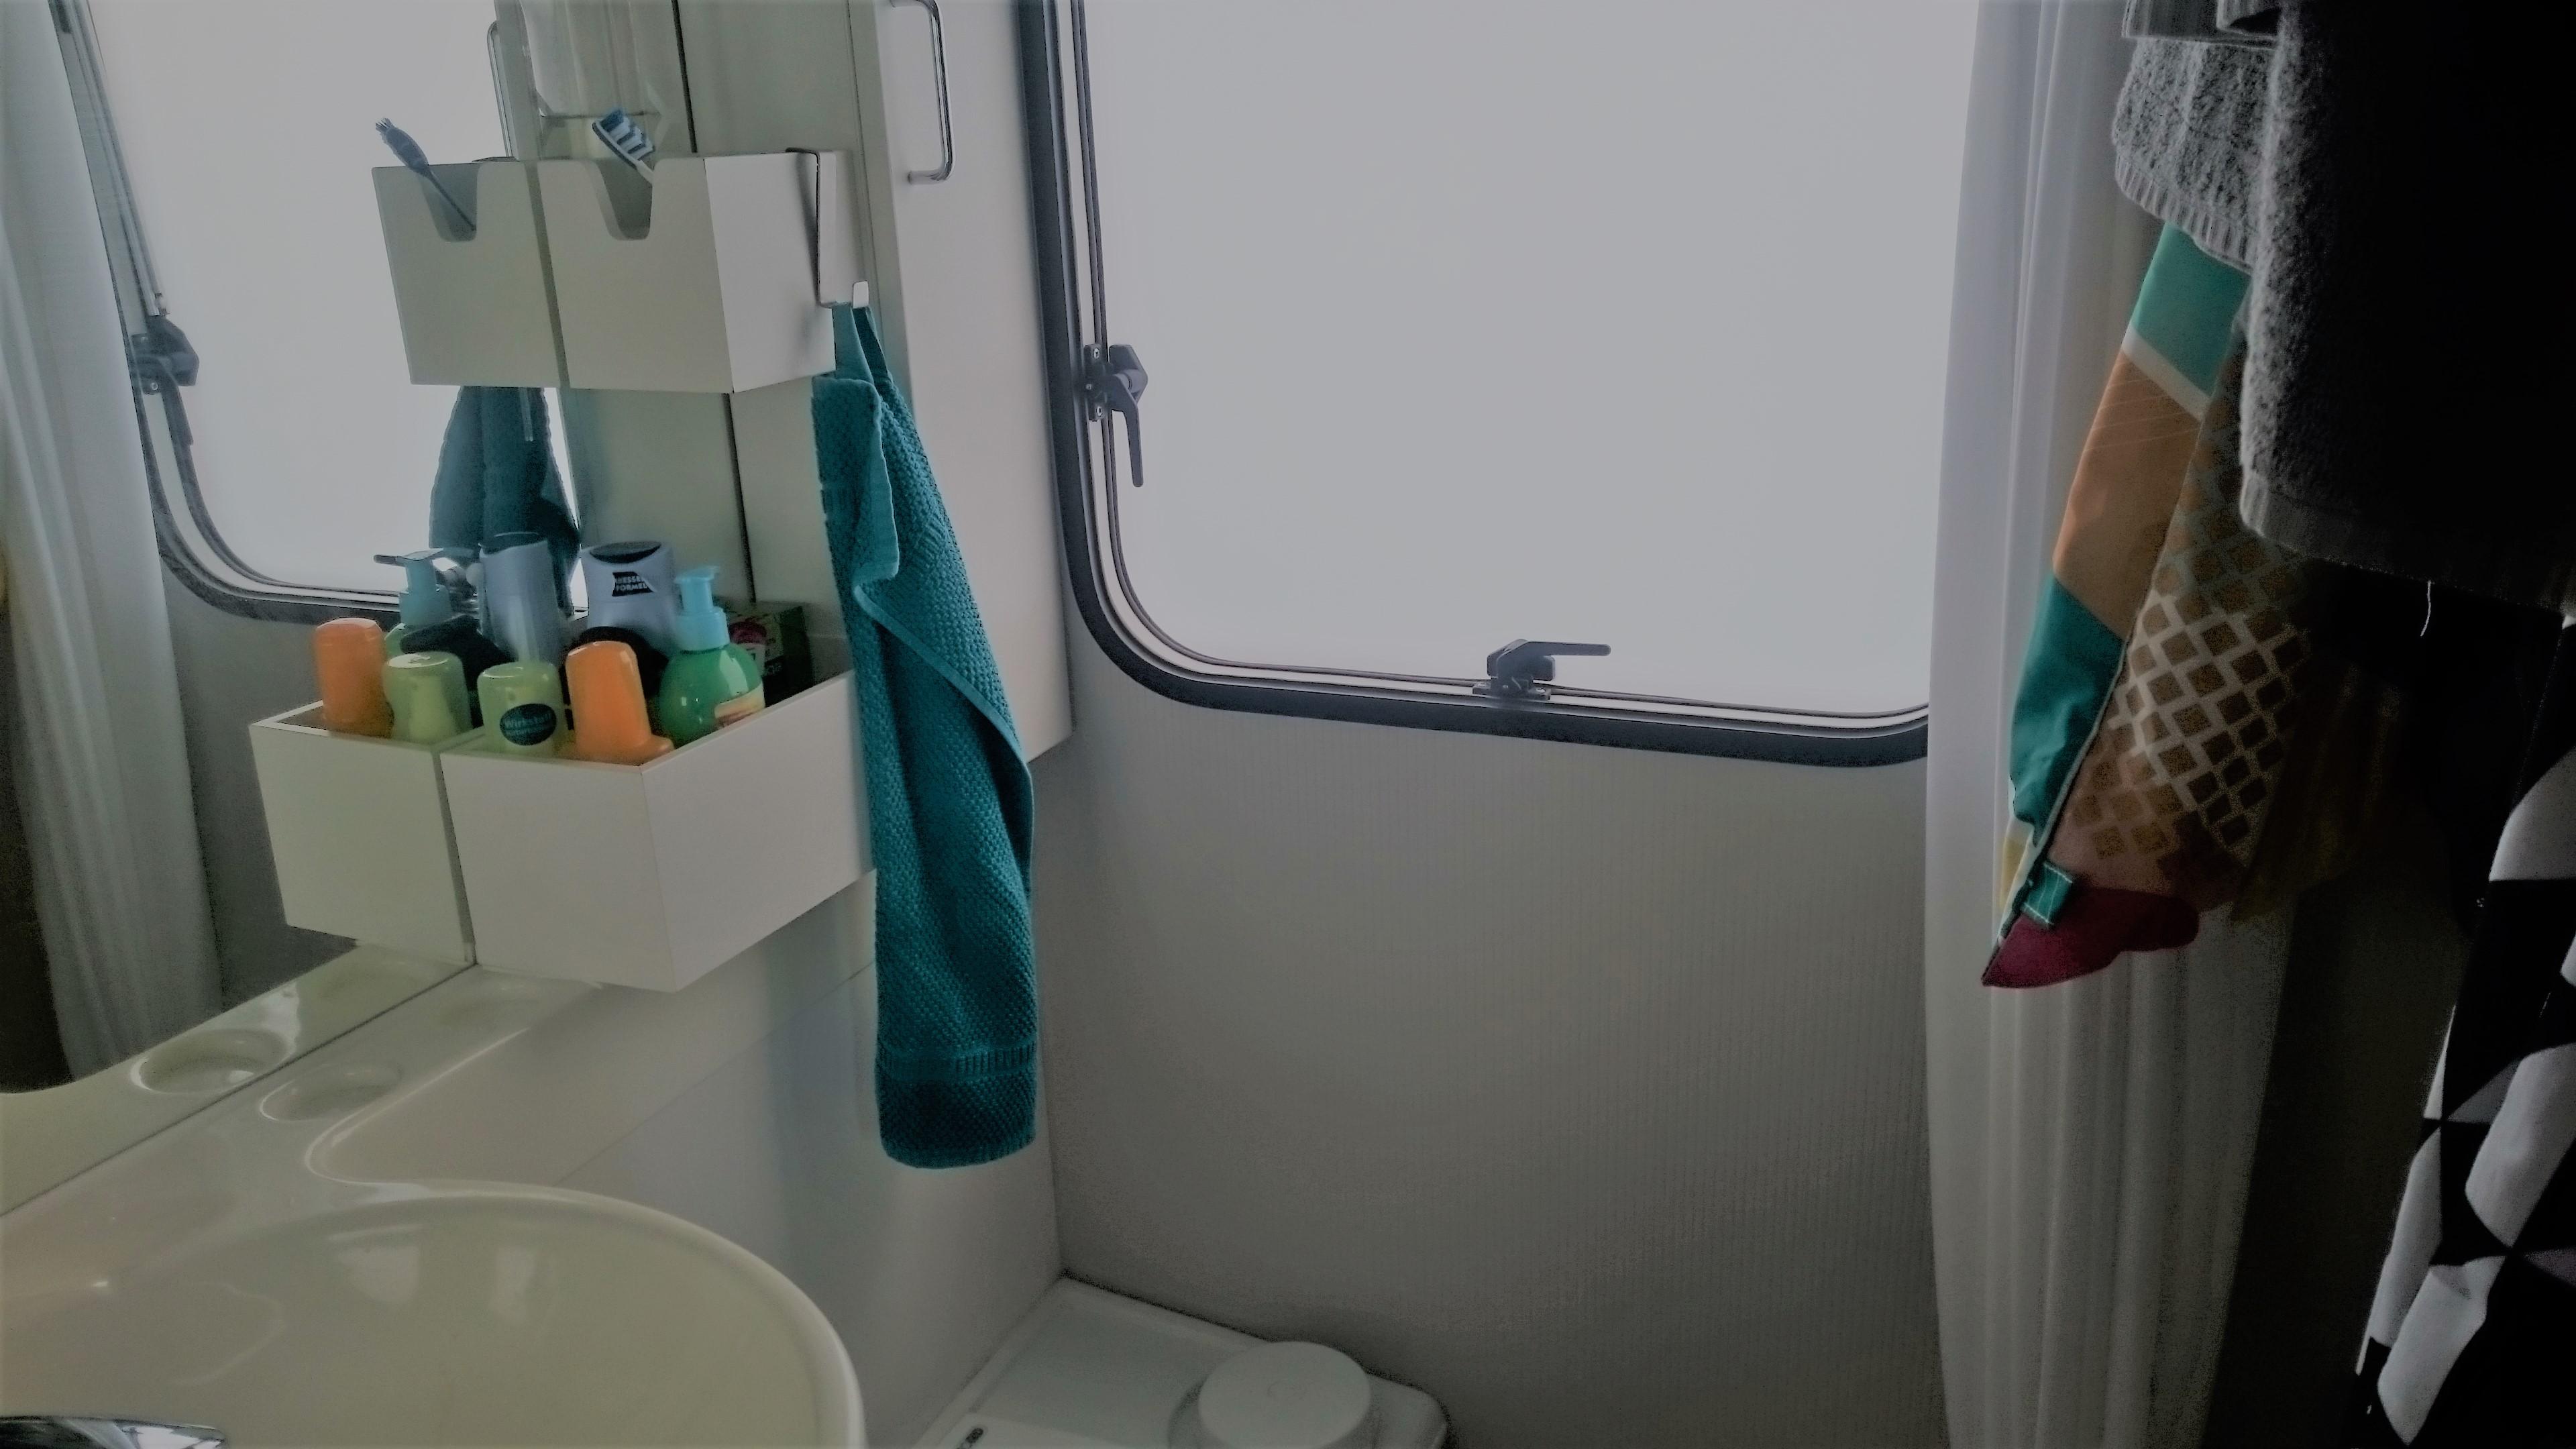 hau ab du stinkst ohne wasser geht gar nichts wenn nicht jetzt. Black Bedroom Furniture Sets. Home Design Ideas